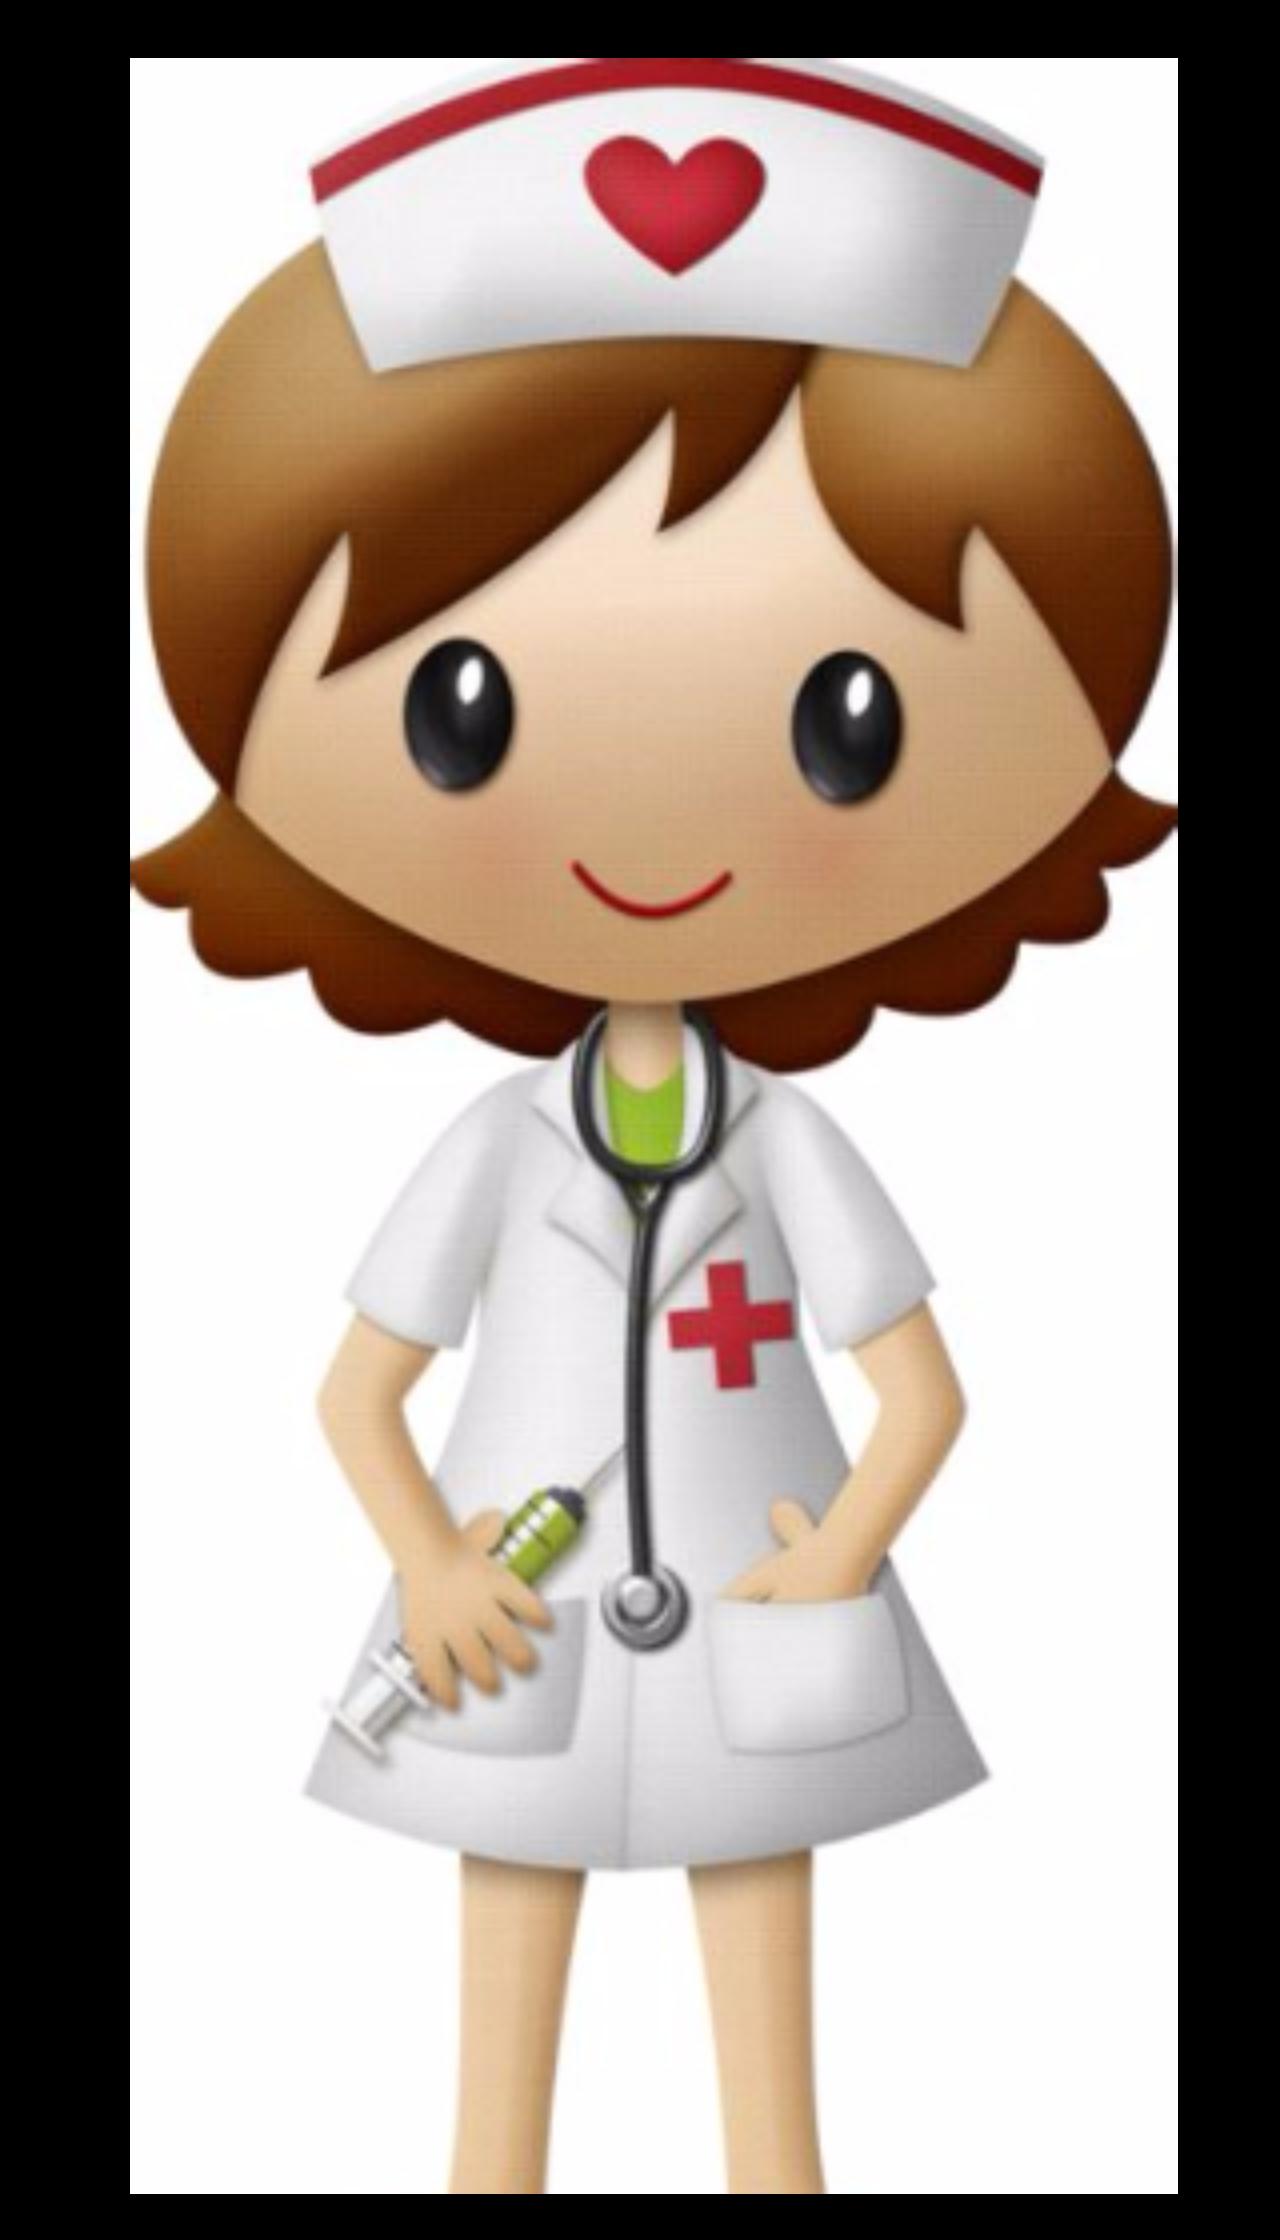 Nurse clipart licensed vocational nurse. Nursing pin practitioner registered